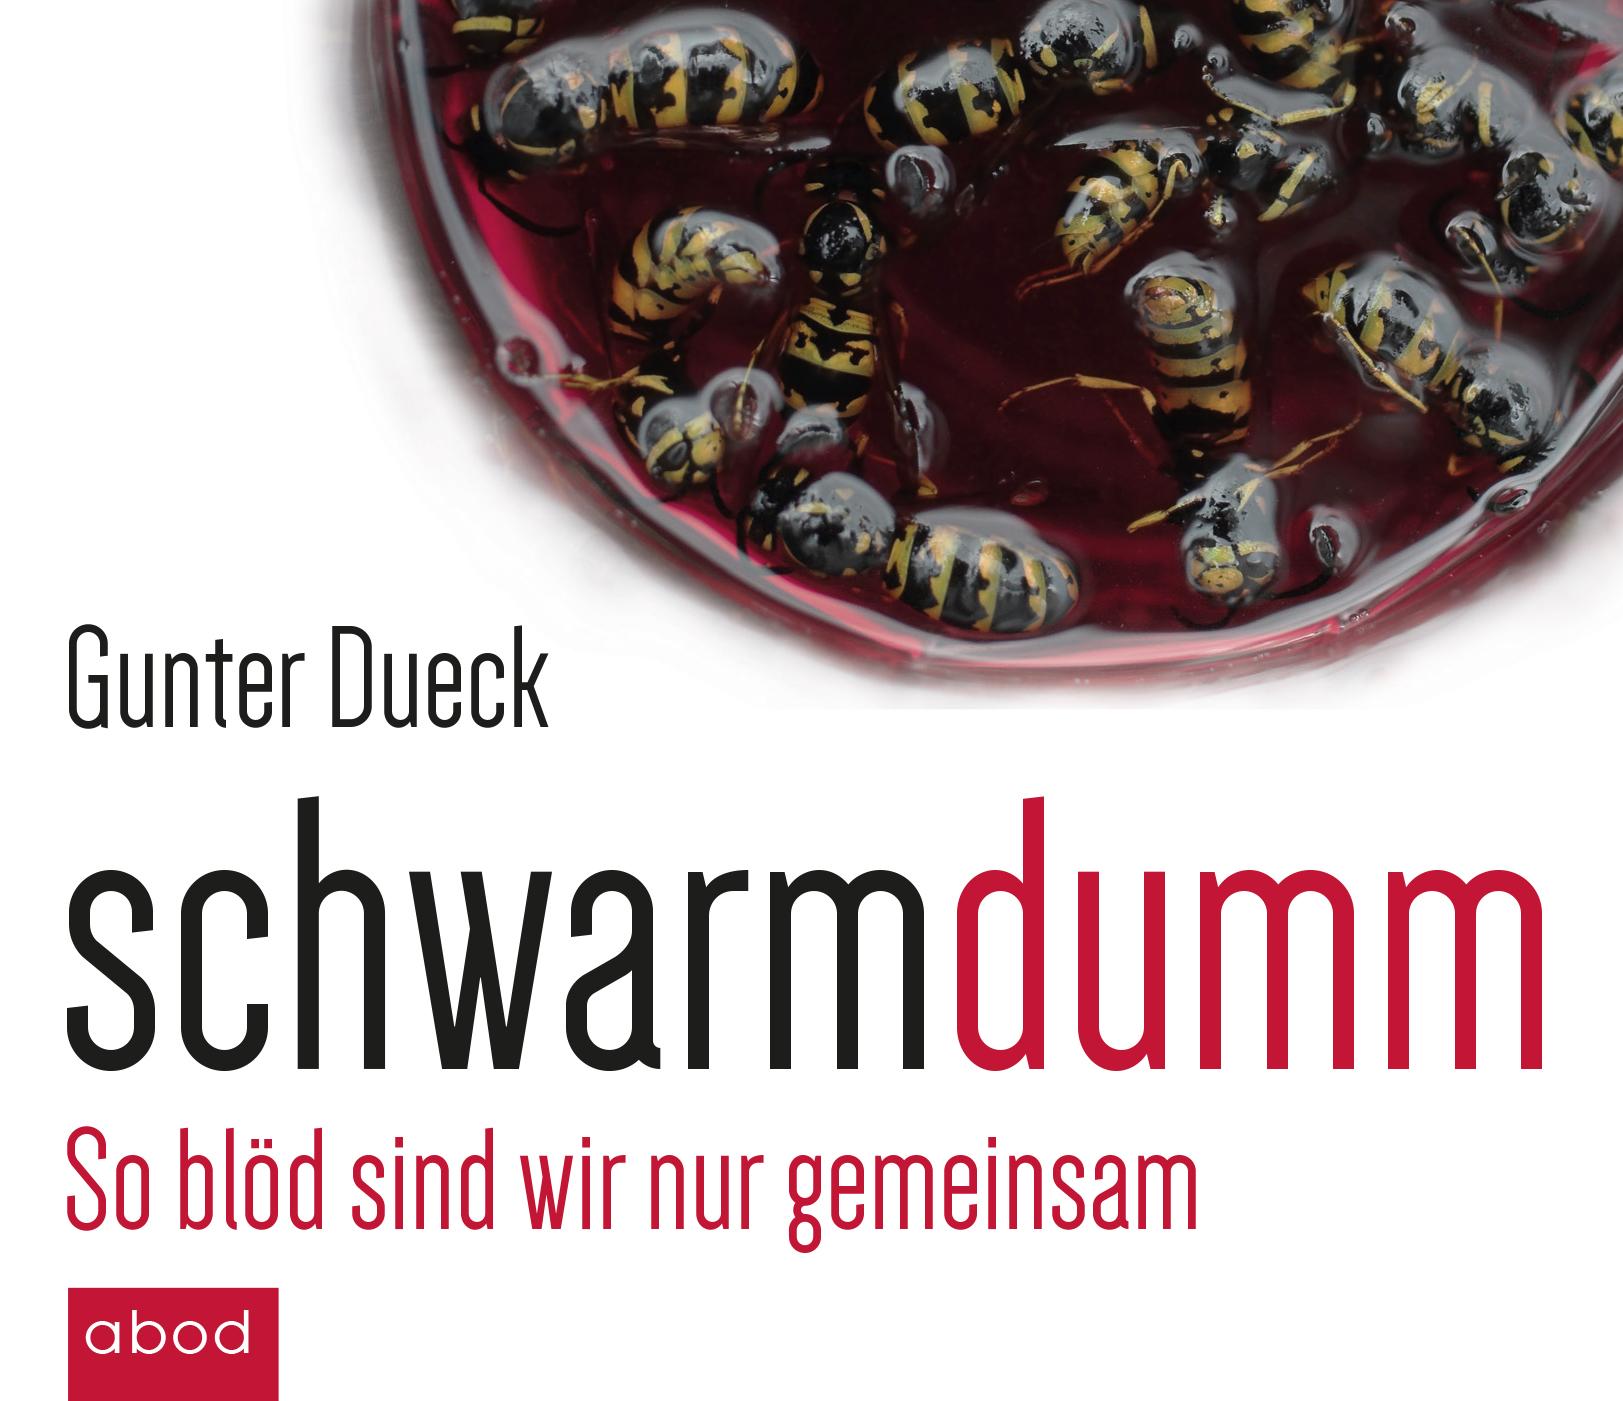 Schwarmdumm Gunter Dueck